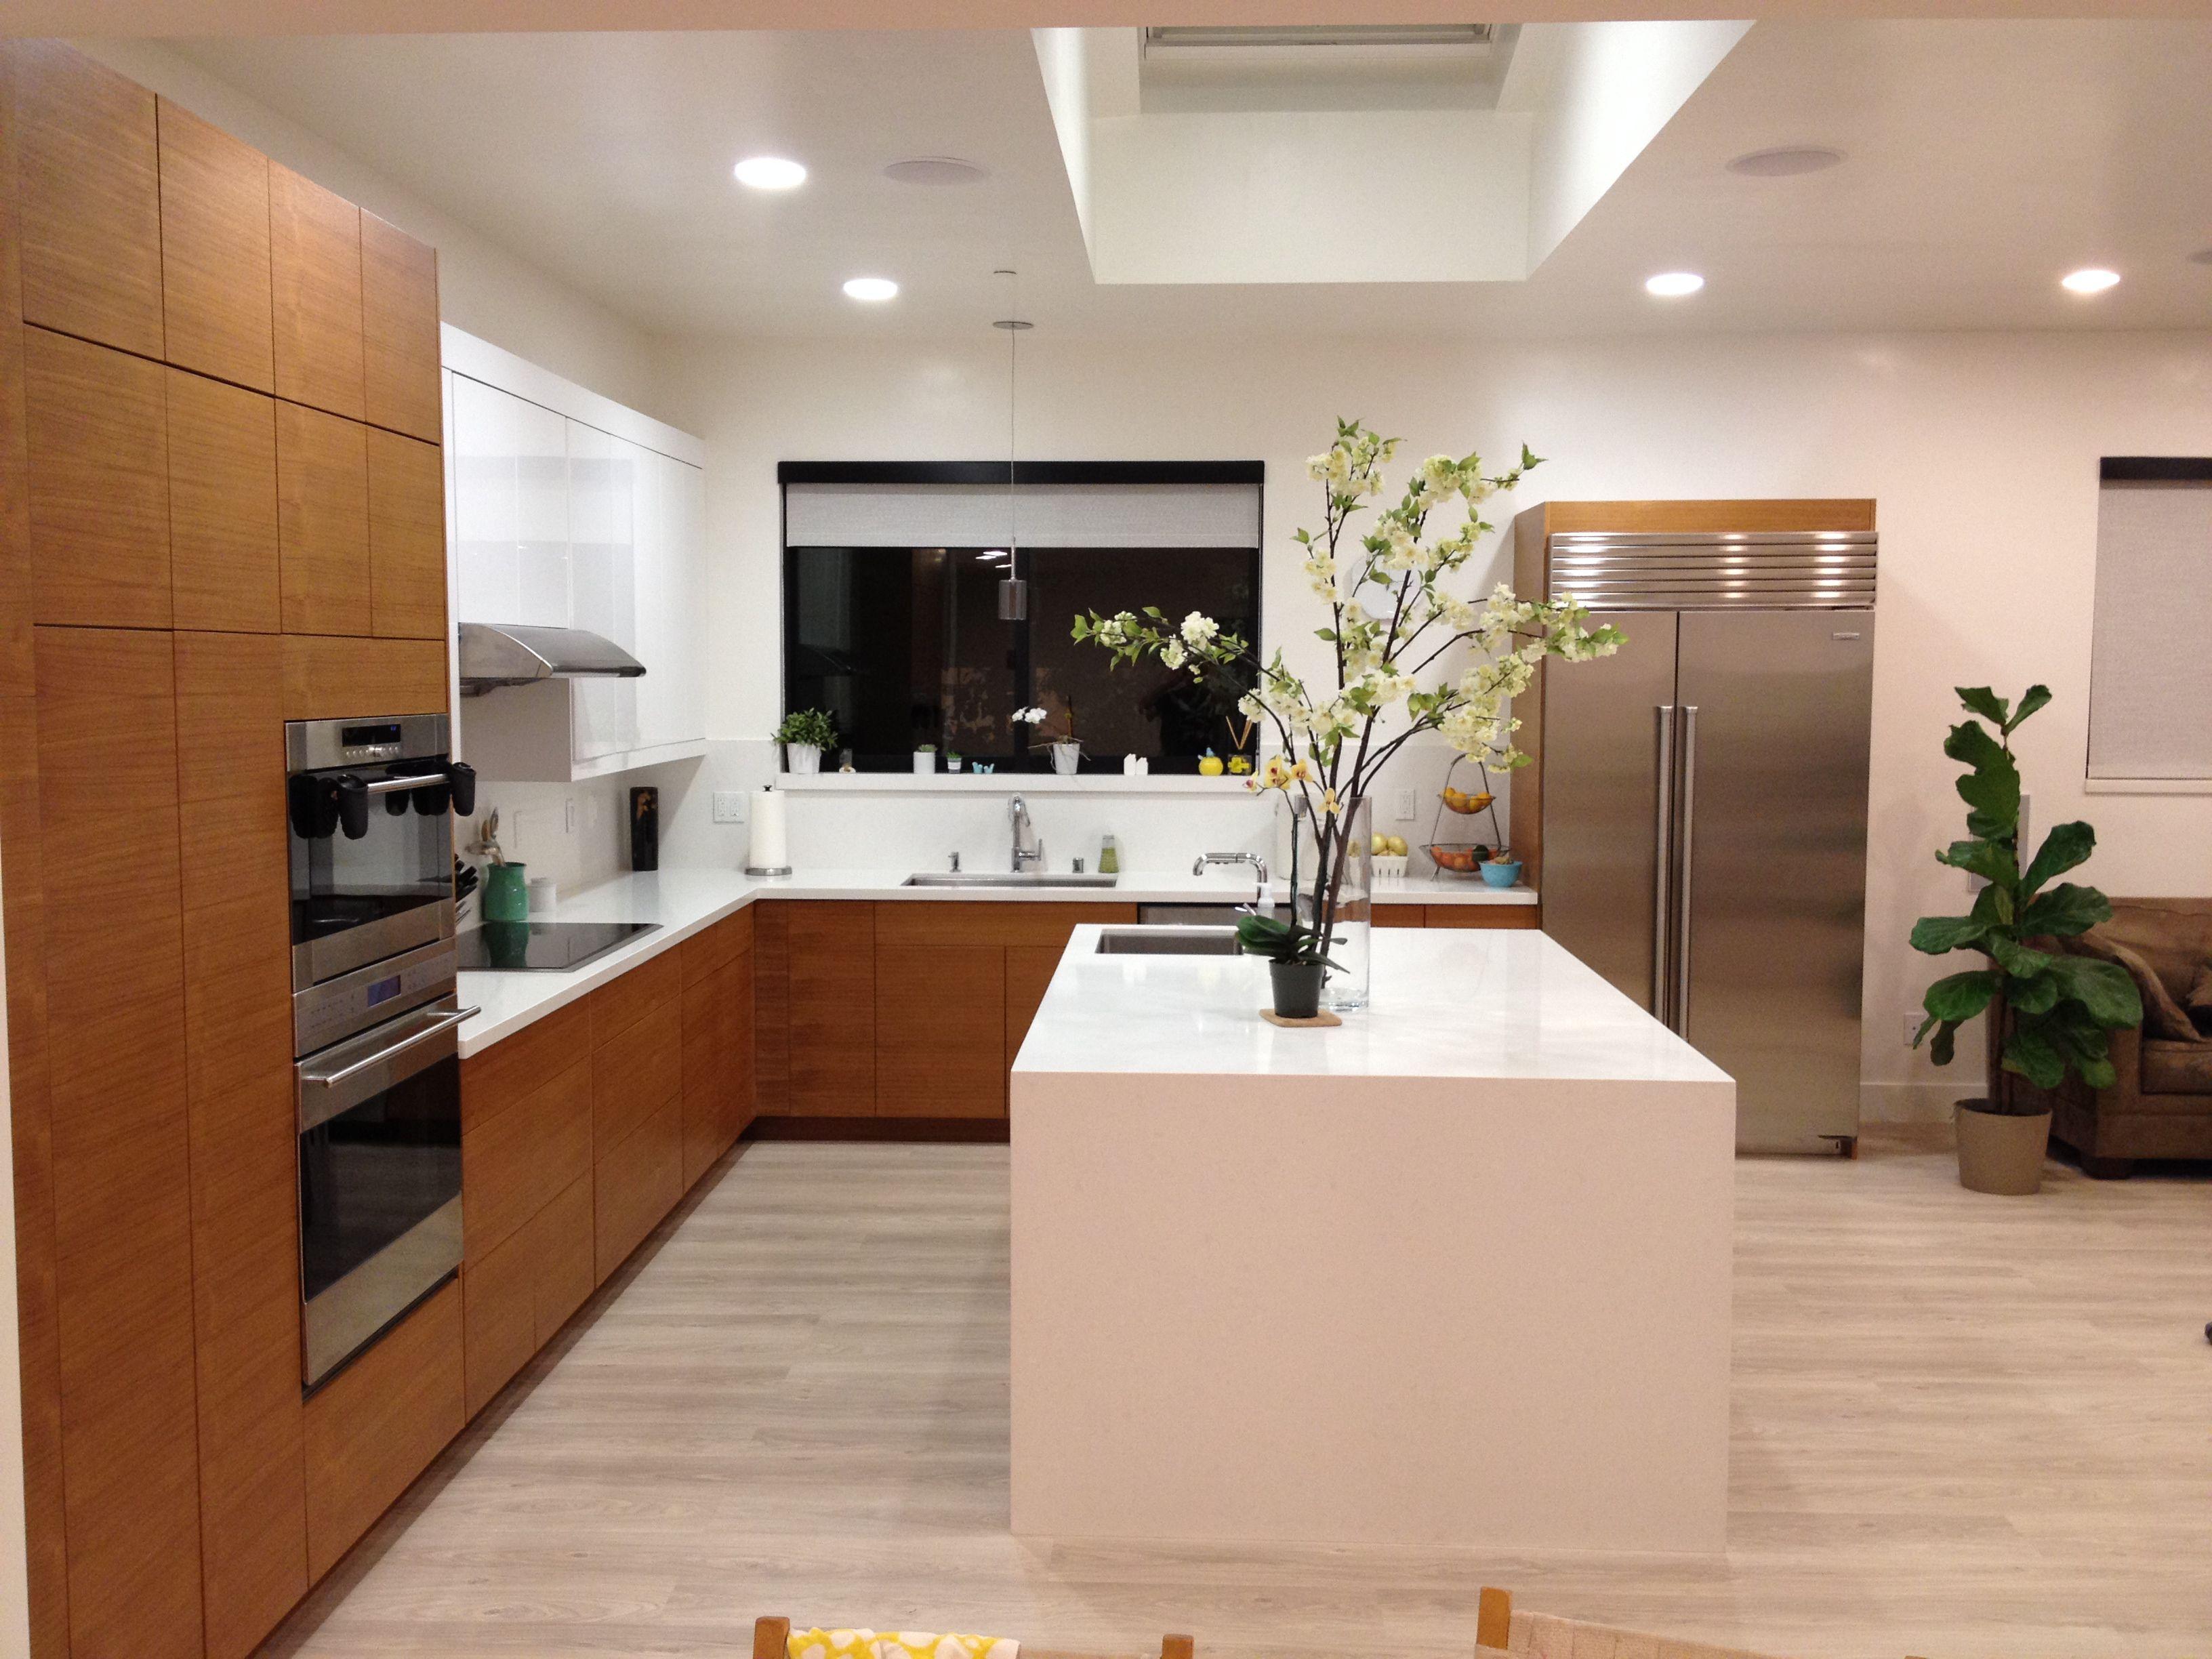 Bulthaup Küchenrollenhalter ~ 423 best kitchen images on pinterest kitchen storage modern